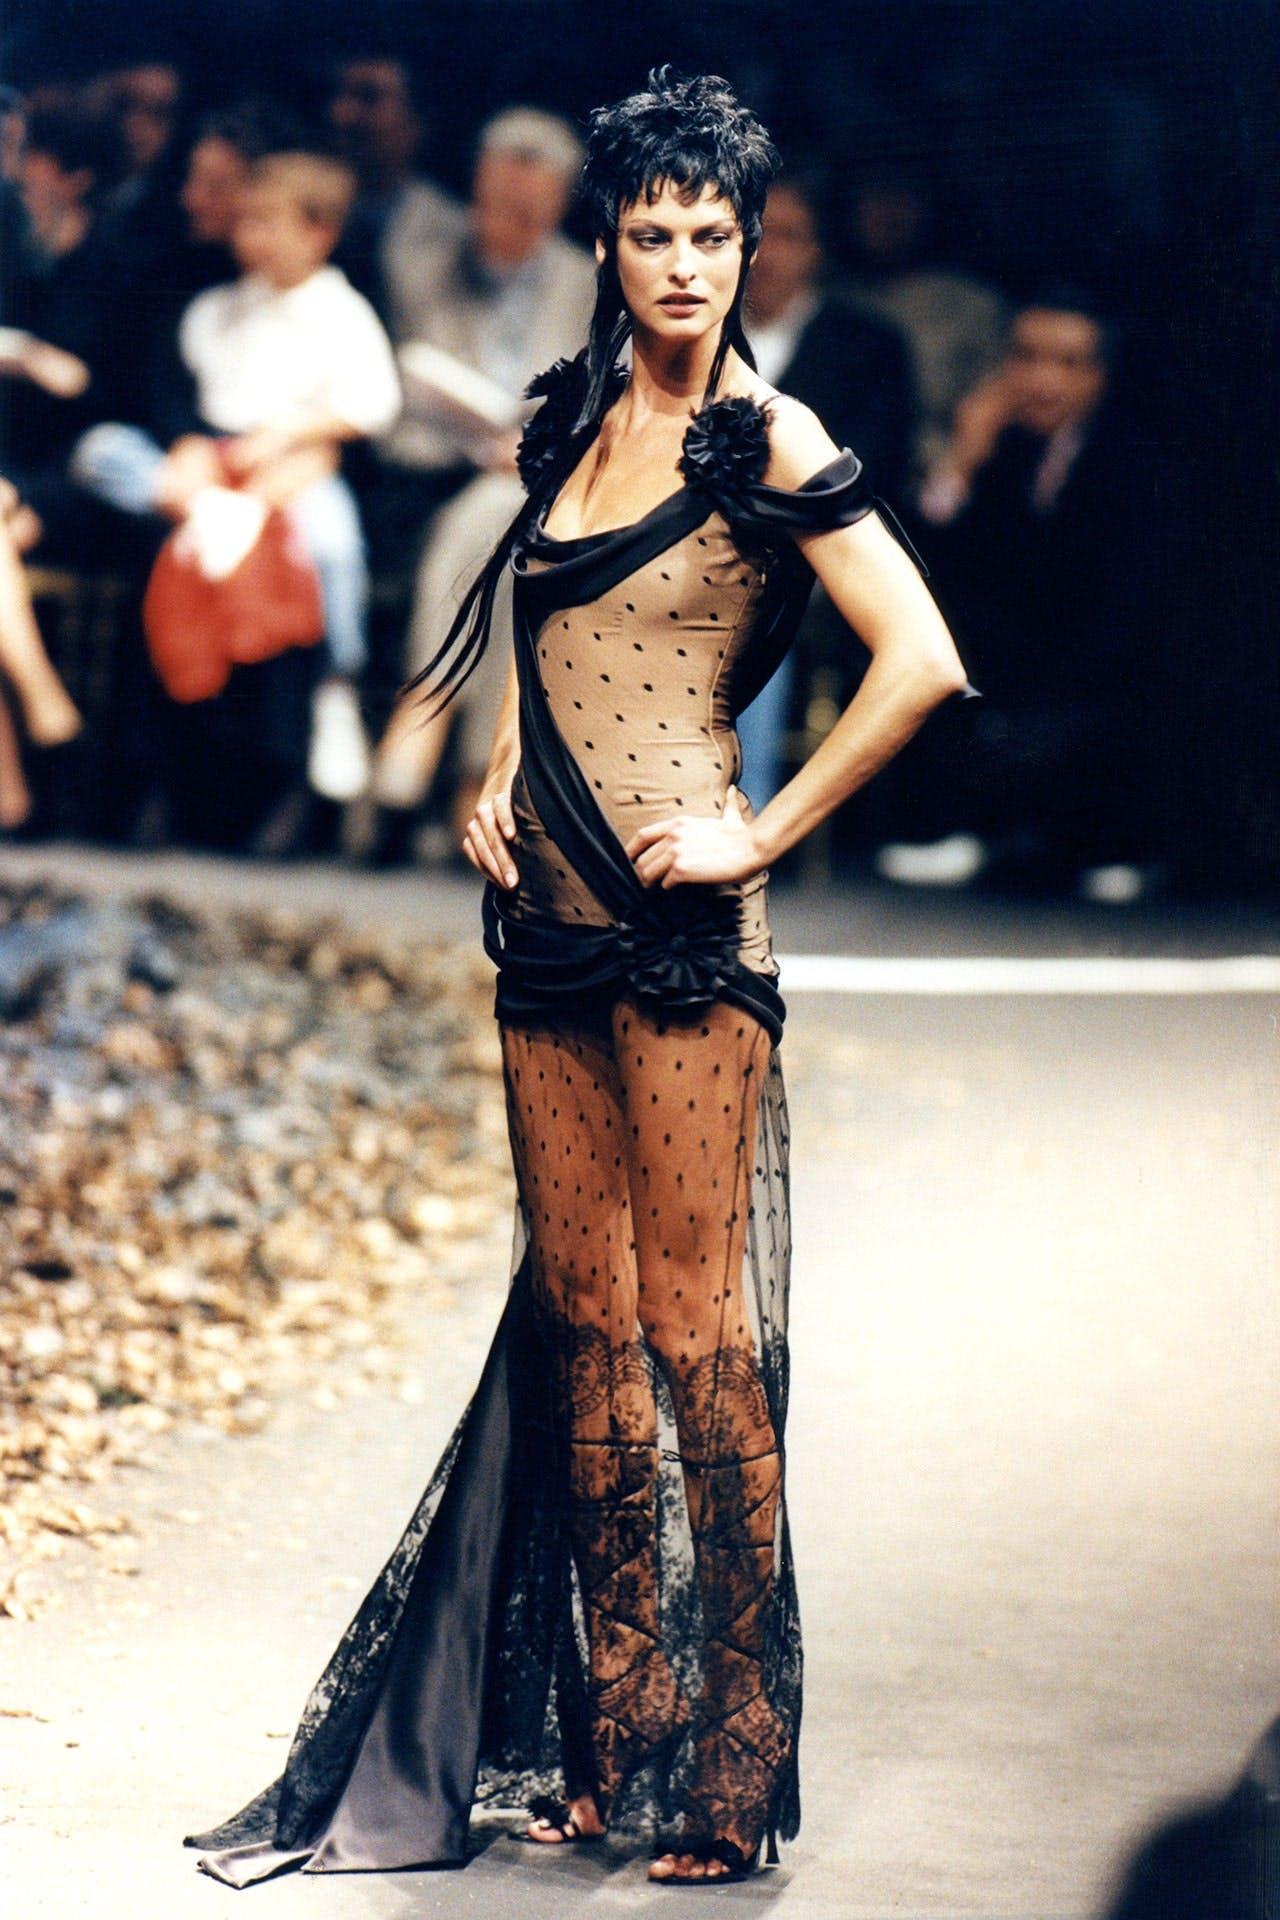 Linda Evangelista trình diễn đầm xuyên thấu Haute Couture do John Galliano thiết kế cho Givenchy năm 1996. Ảnh: LOfficiel